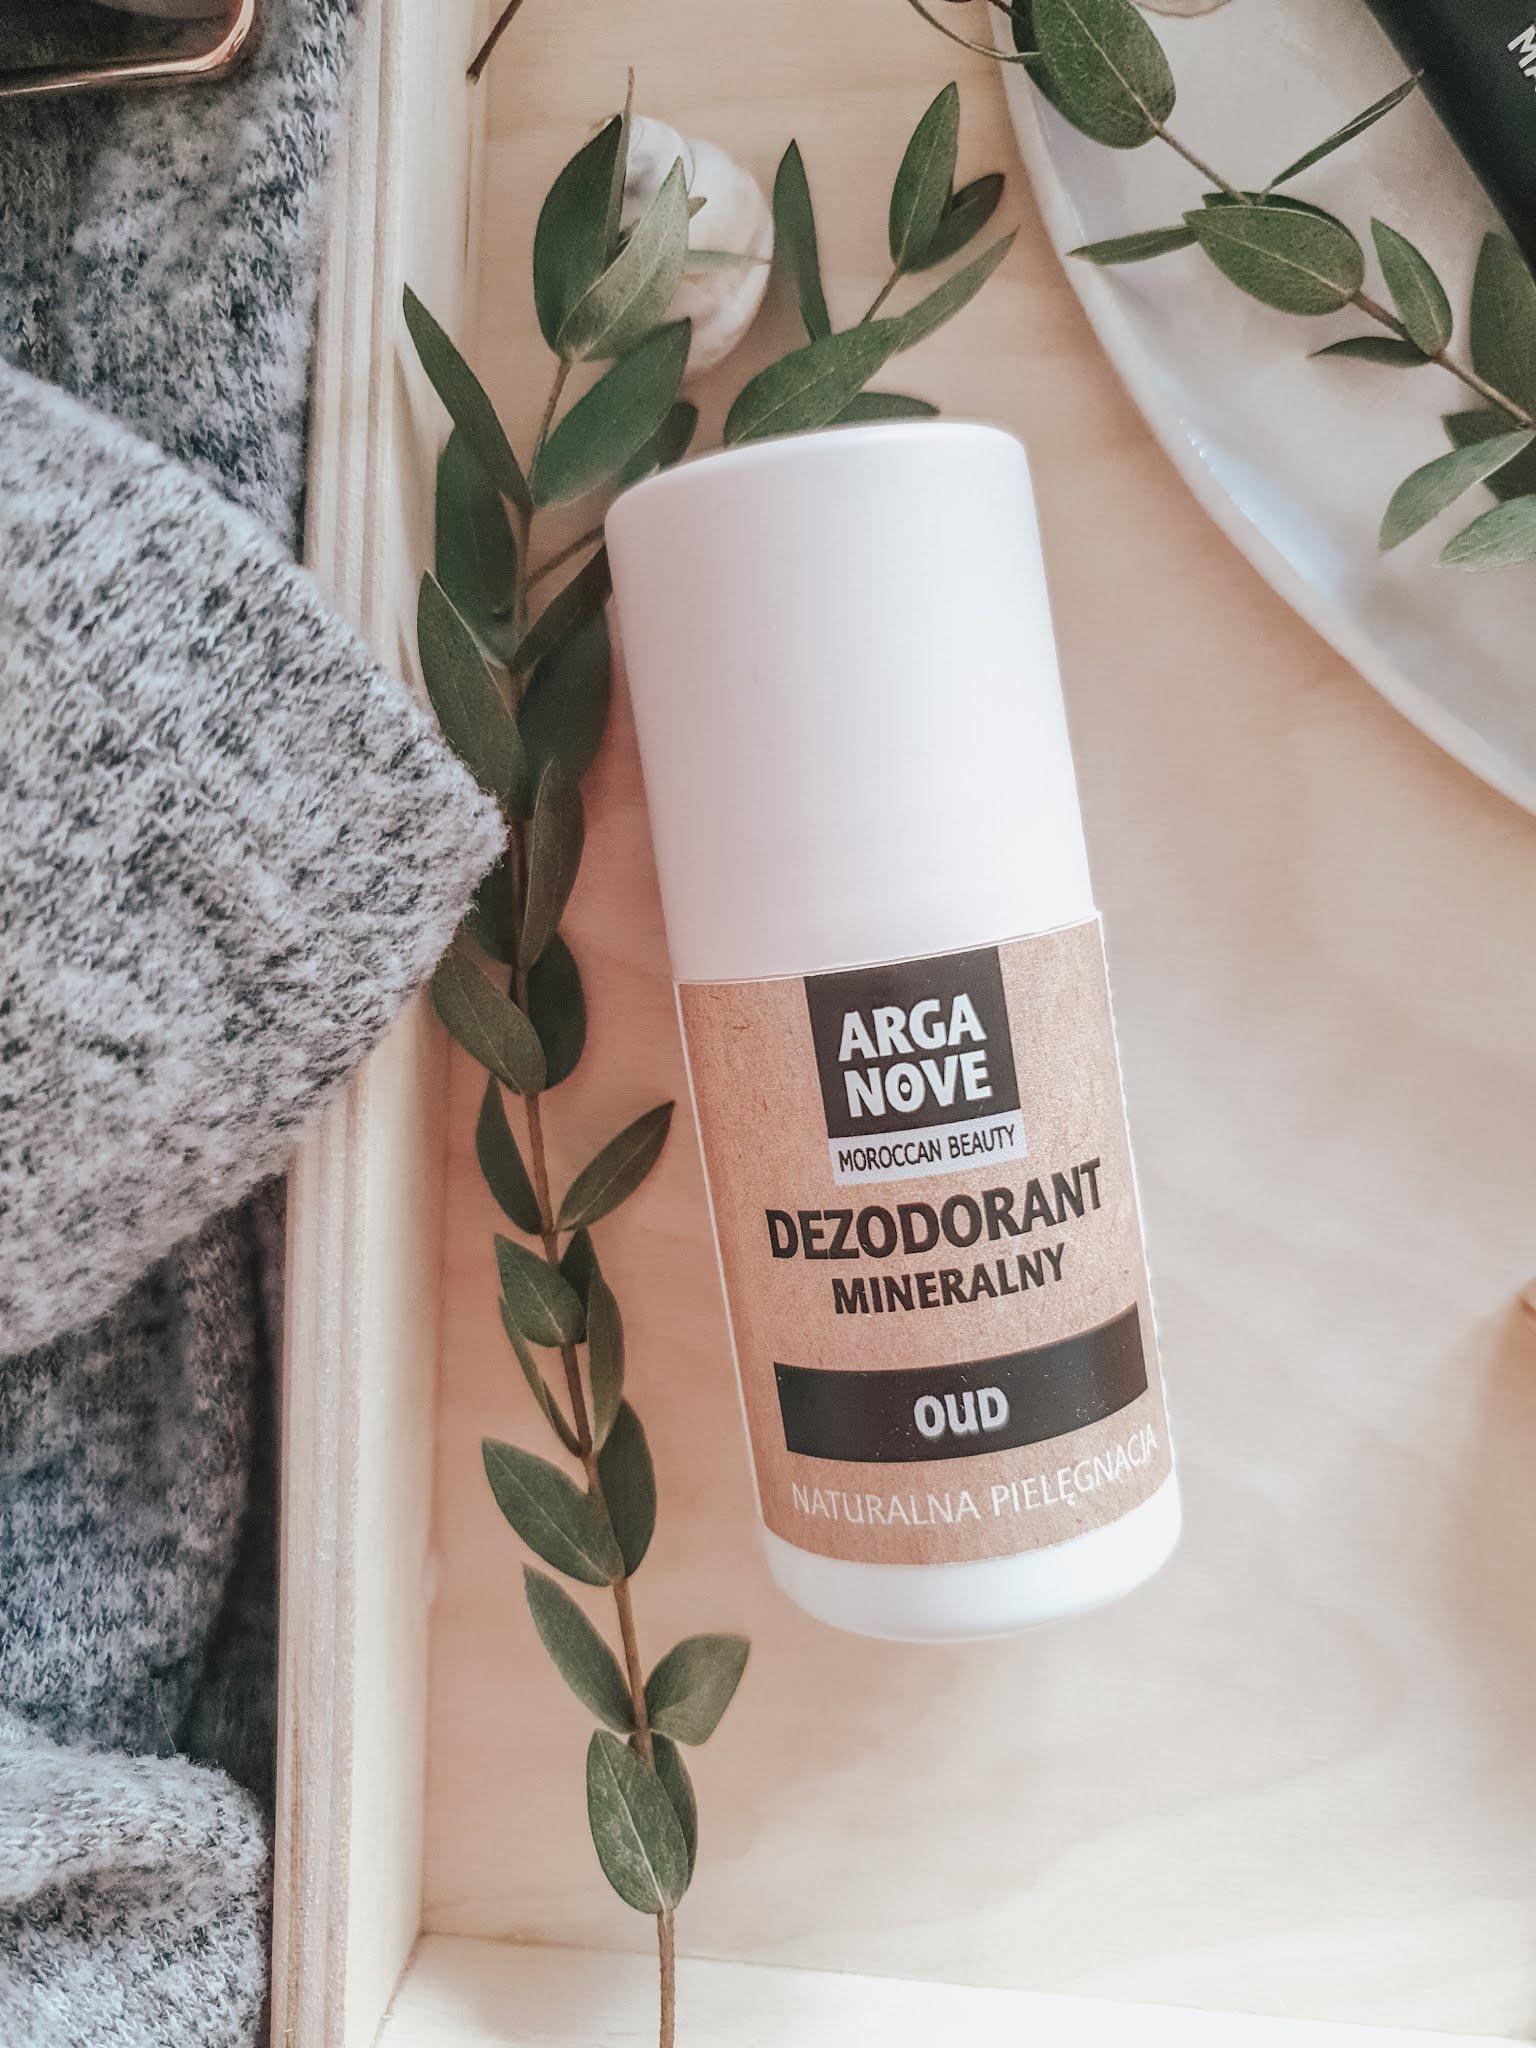 Naturalny dezodorant mineralny - Arganove